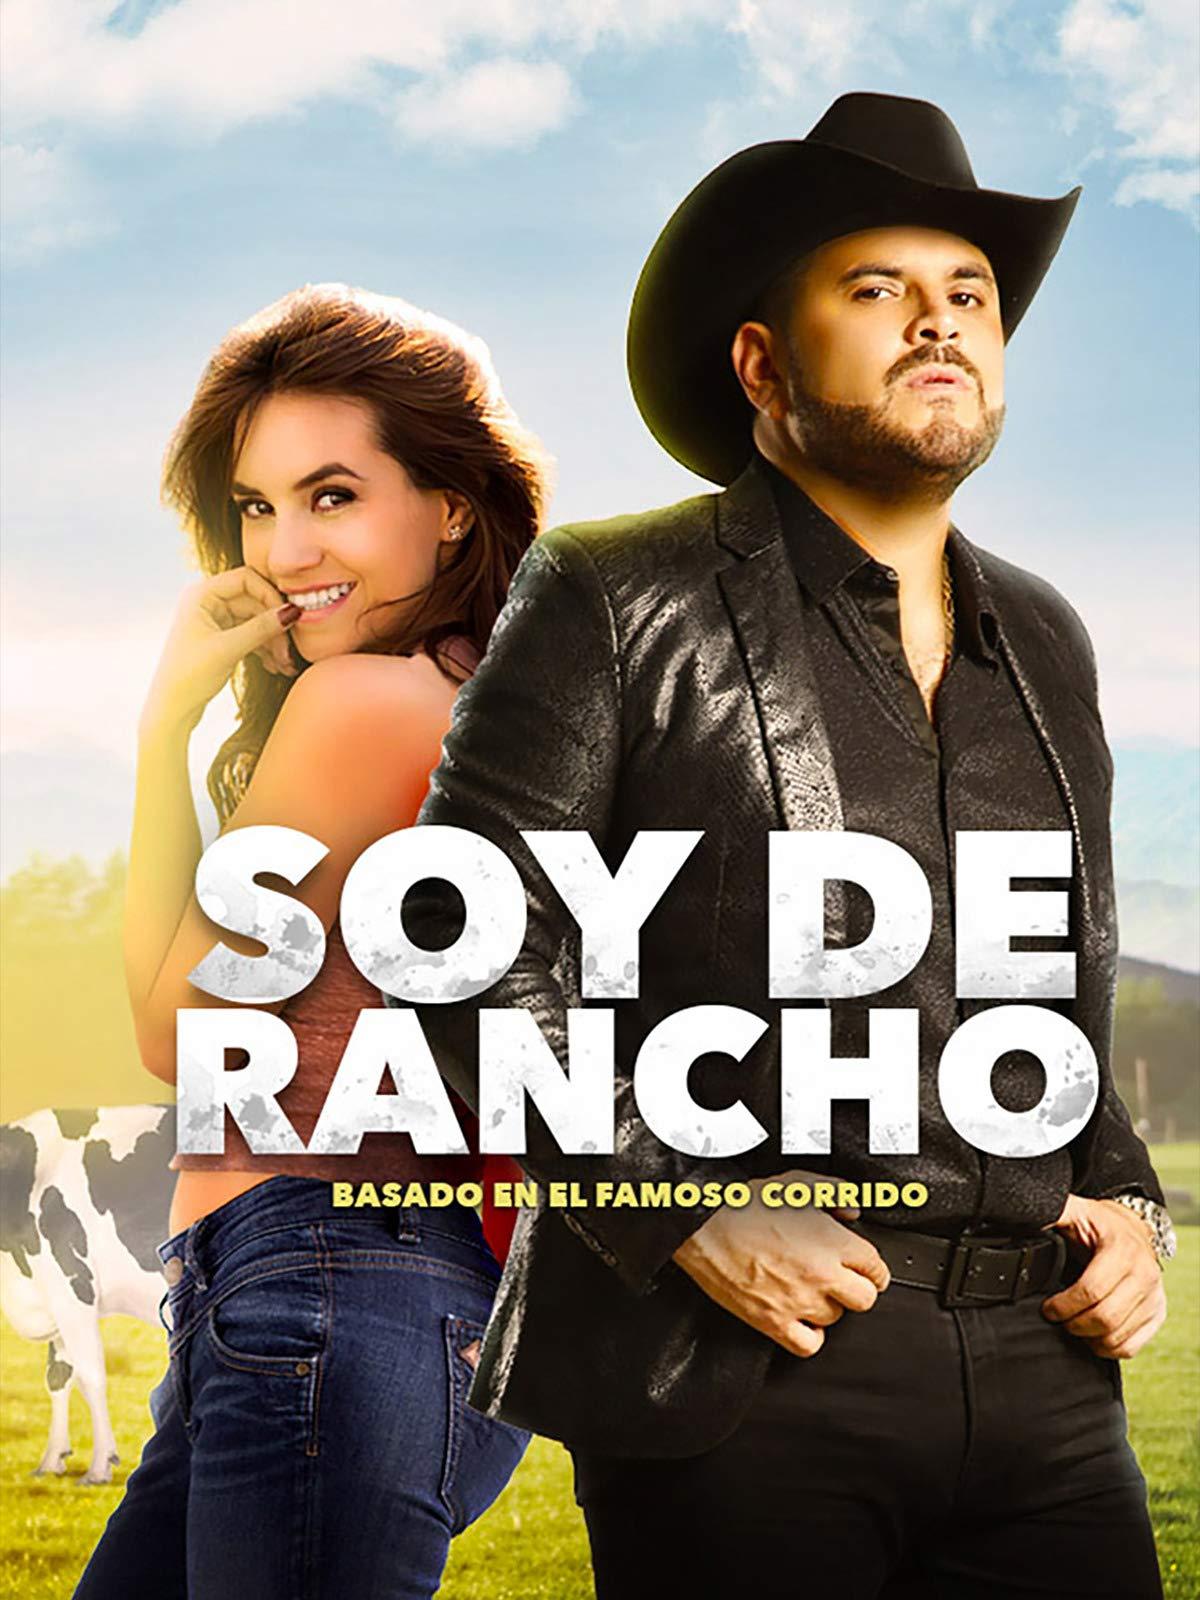 Watch Soy De Rancho Prime Video